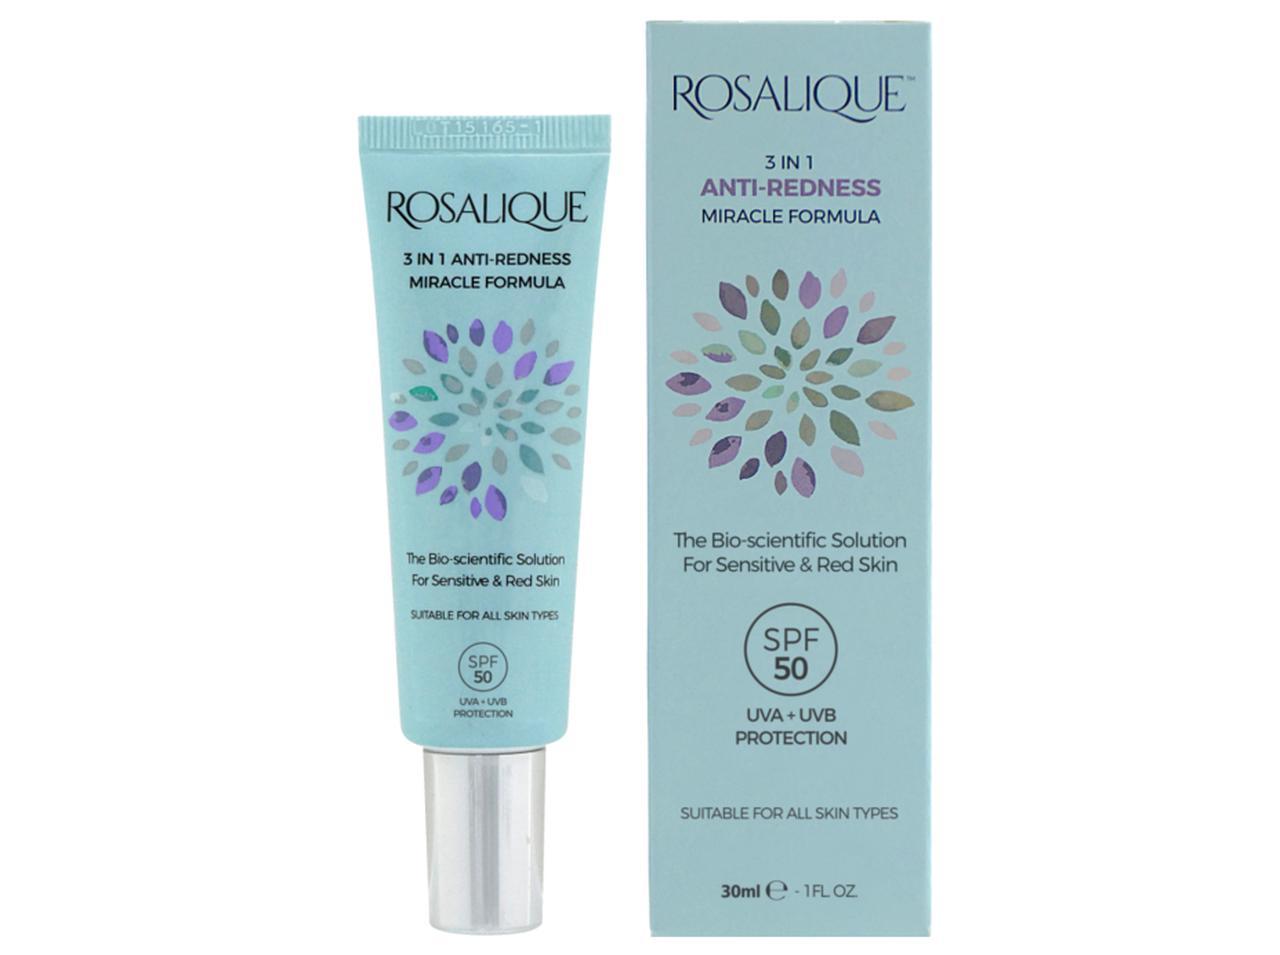 画像: rosalique.co.uk